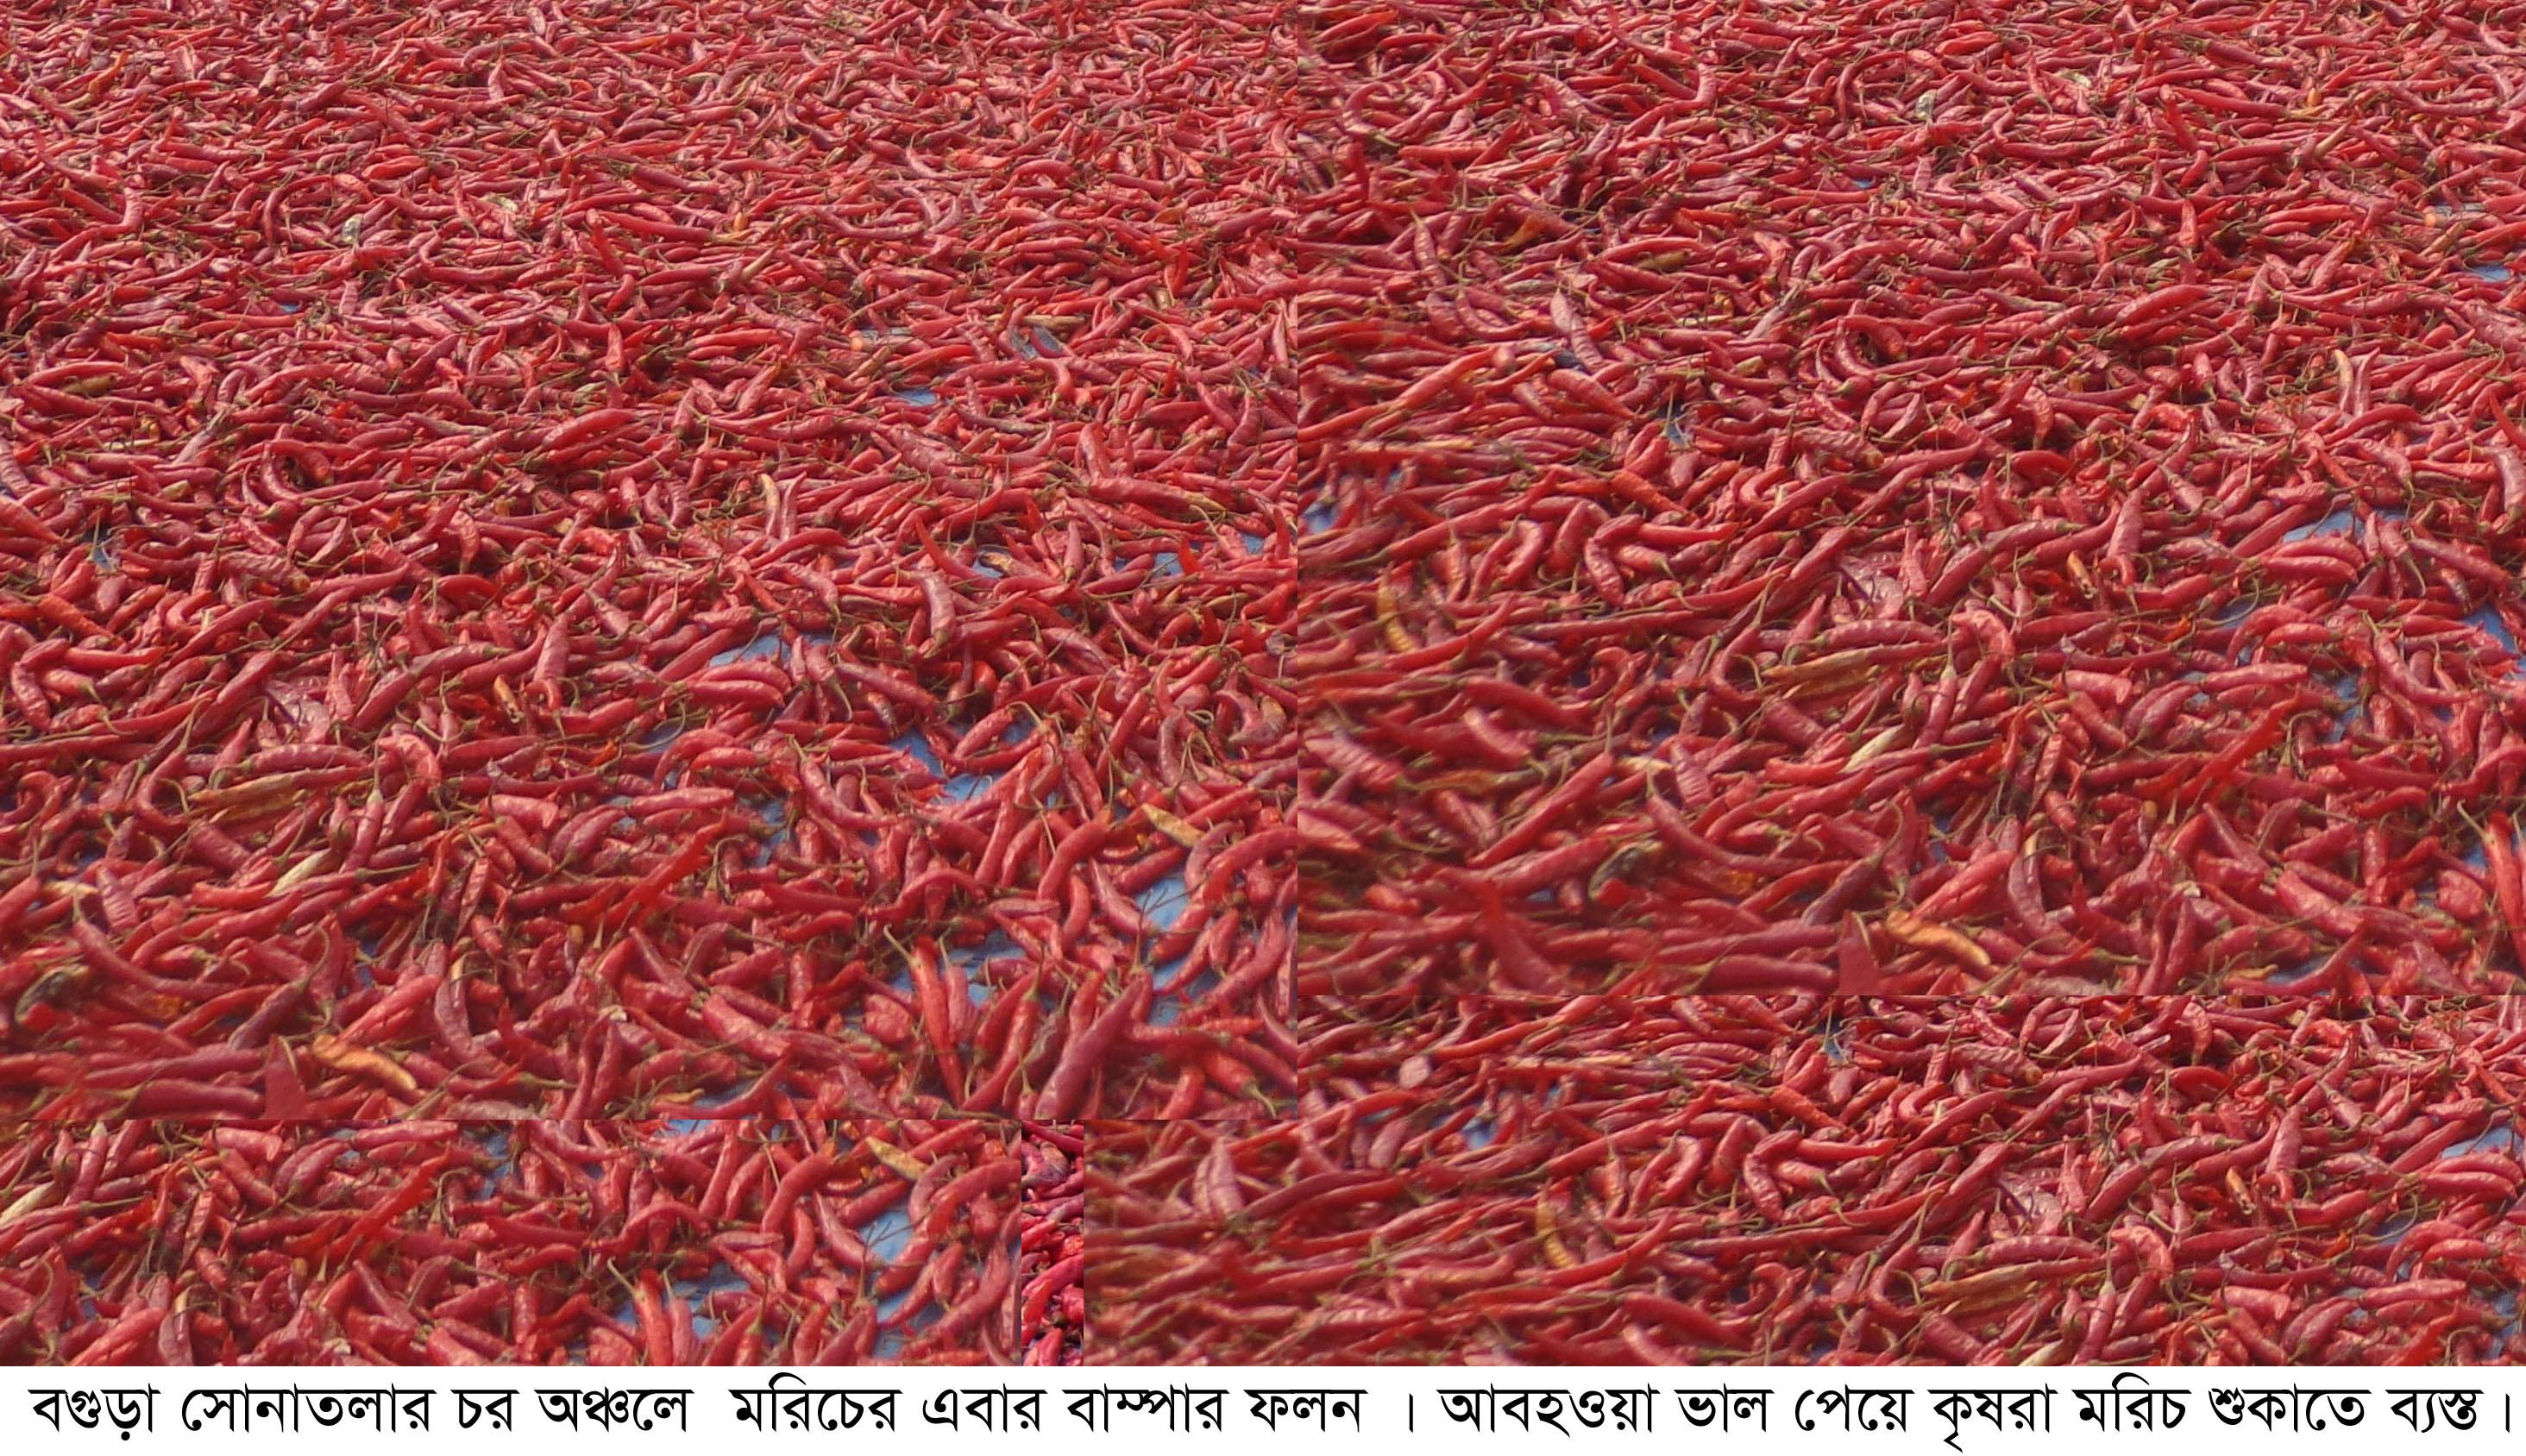 সোনাতলায় মরিচের বাম্পার ফলন